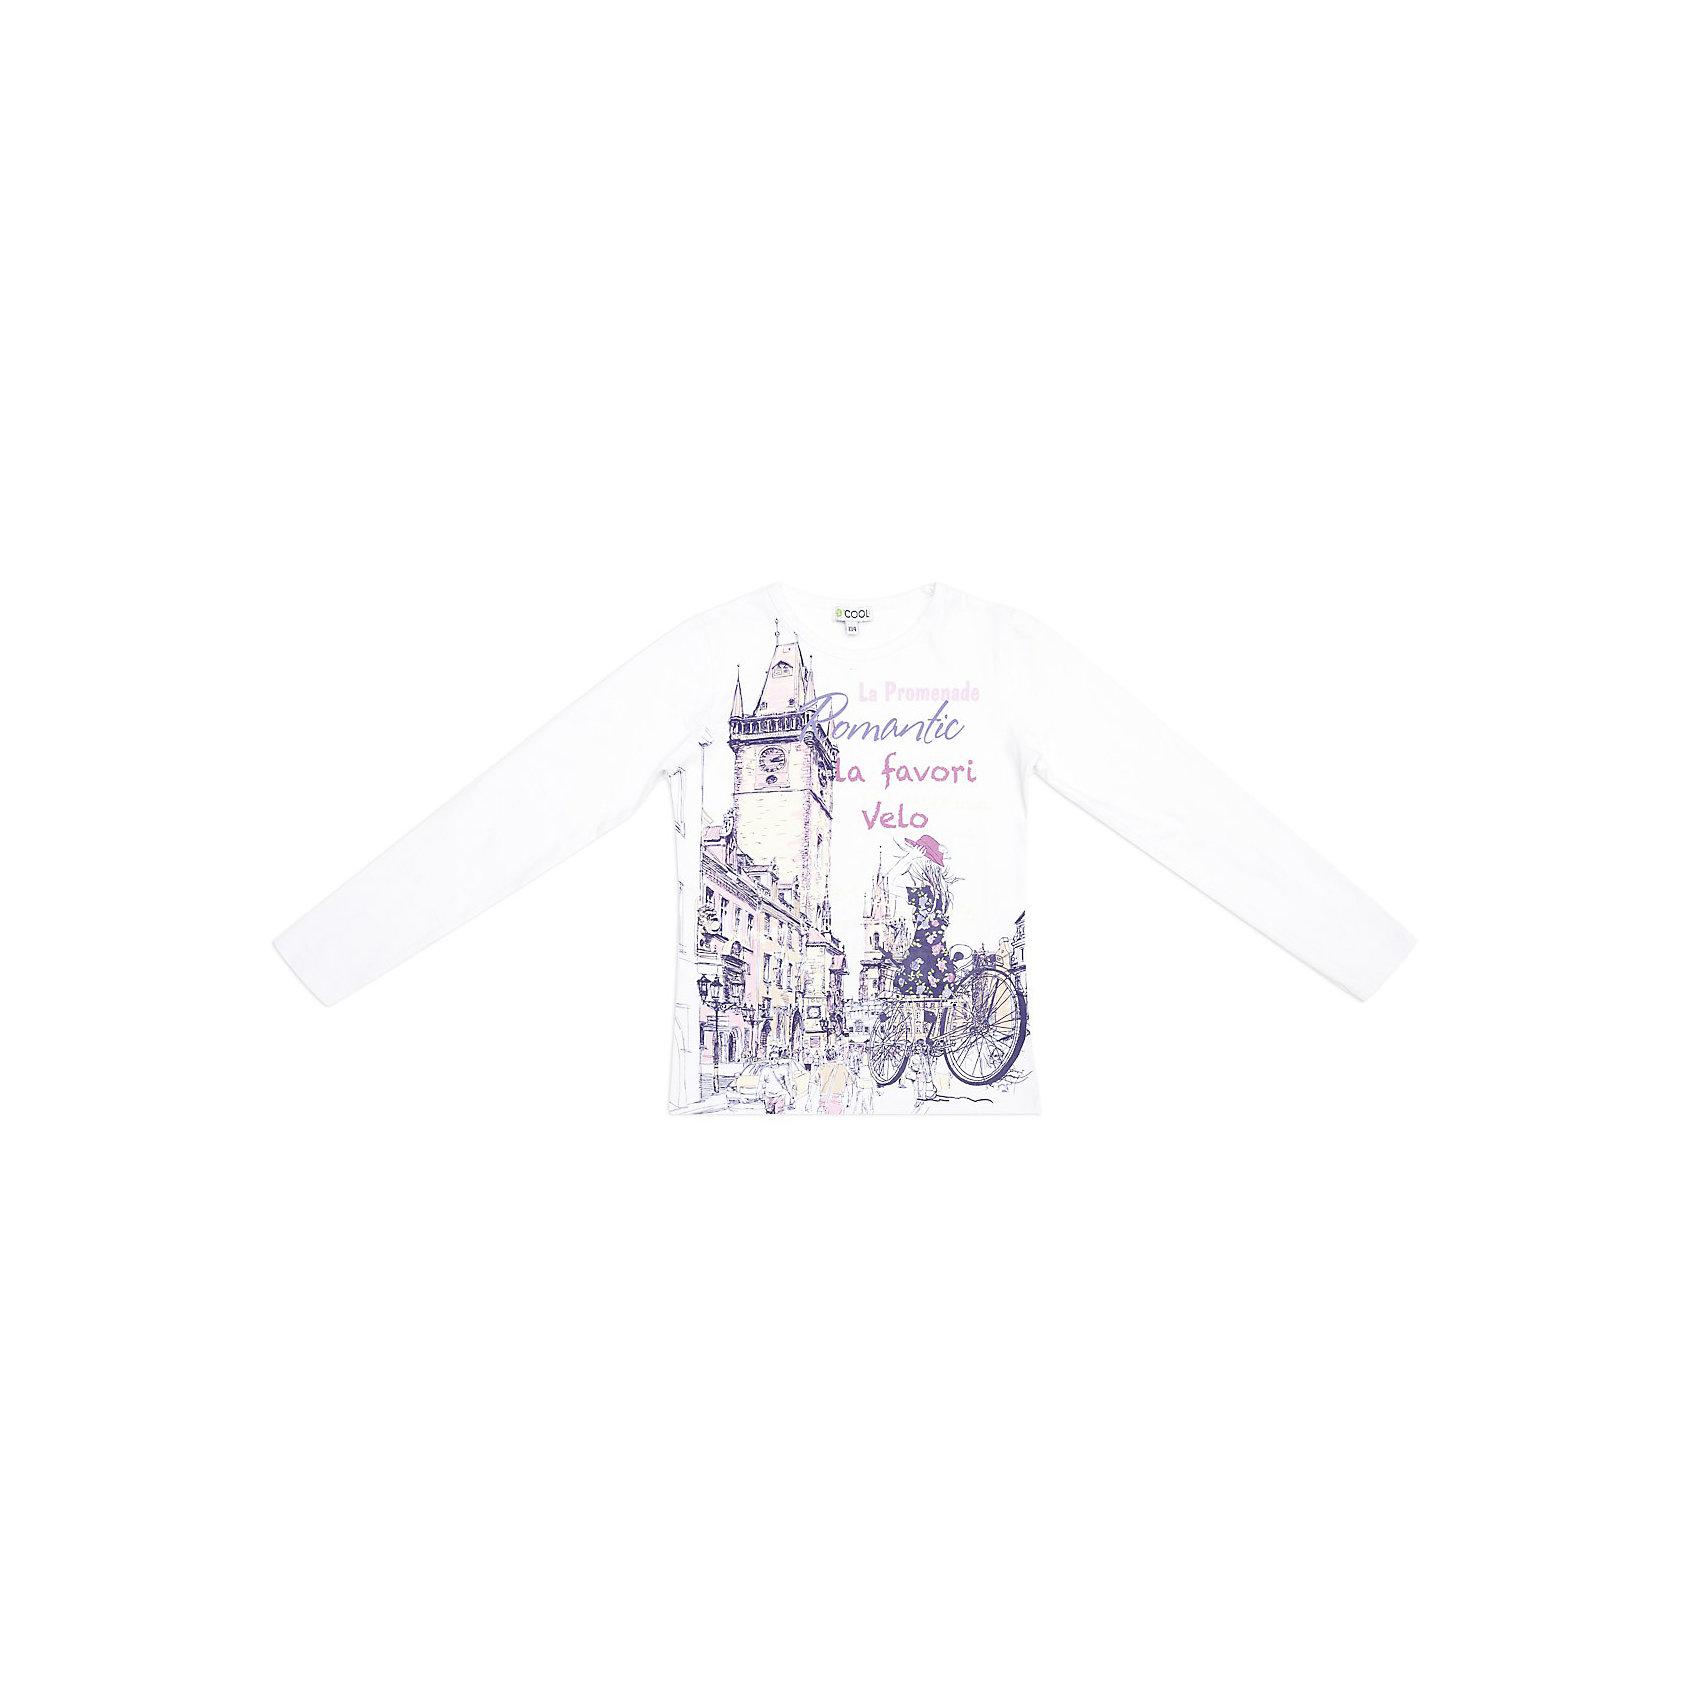 Футболка с длинным рукавом для девочки SCOOL* прекрасная футболка, выполненная из комфортного и практичного материала<br>* модель с длинными рукавами<br>* круглая горловина обработана трикотажной бейкой<br>* лаконичный принт<br>Состав:<br>95% хлопок, 5% эластан<br><br>Ширина мм: 230<br>Глубина мм: 40<br>Высота мм: 220<br>Вес г: 250<br>Цвет: белый<br>Возраст от месяцев: 144<br>Возраст до месяцев: 156<br>Пол: Женский<br>Возраст: Детский<br>Размер: 158,134,164,152,146,140<br>SKU: 3543519